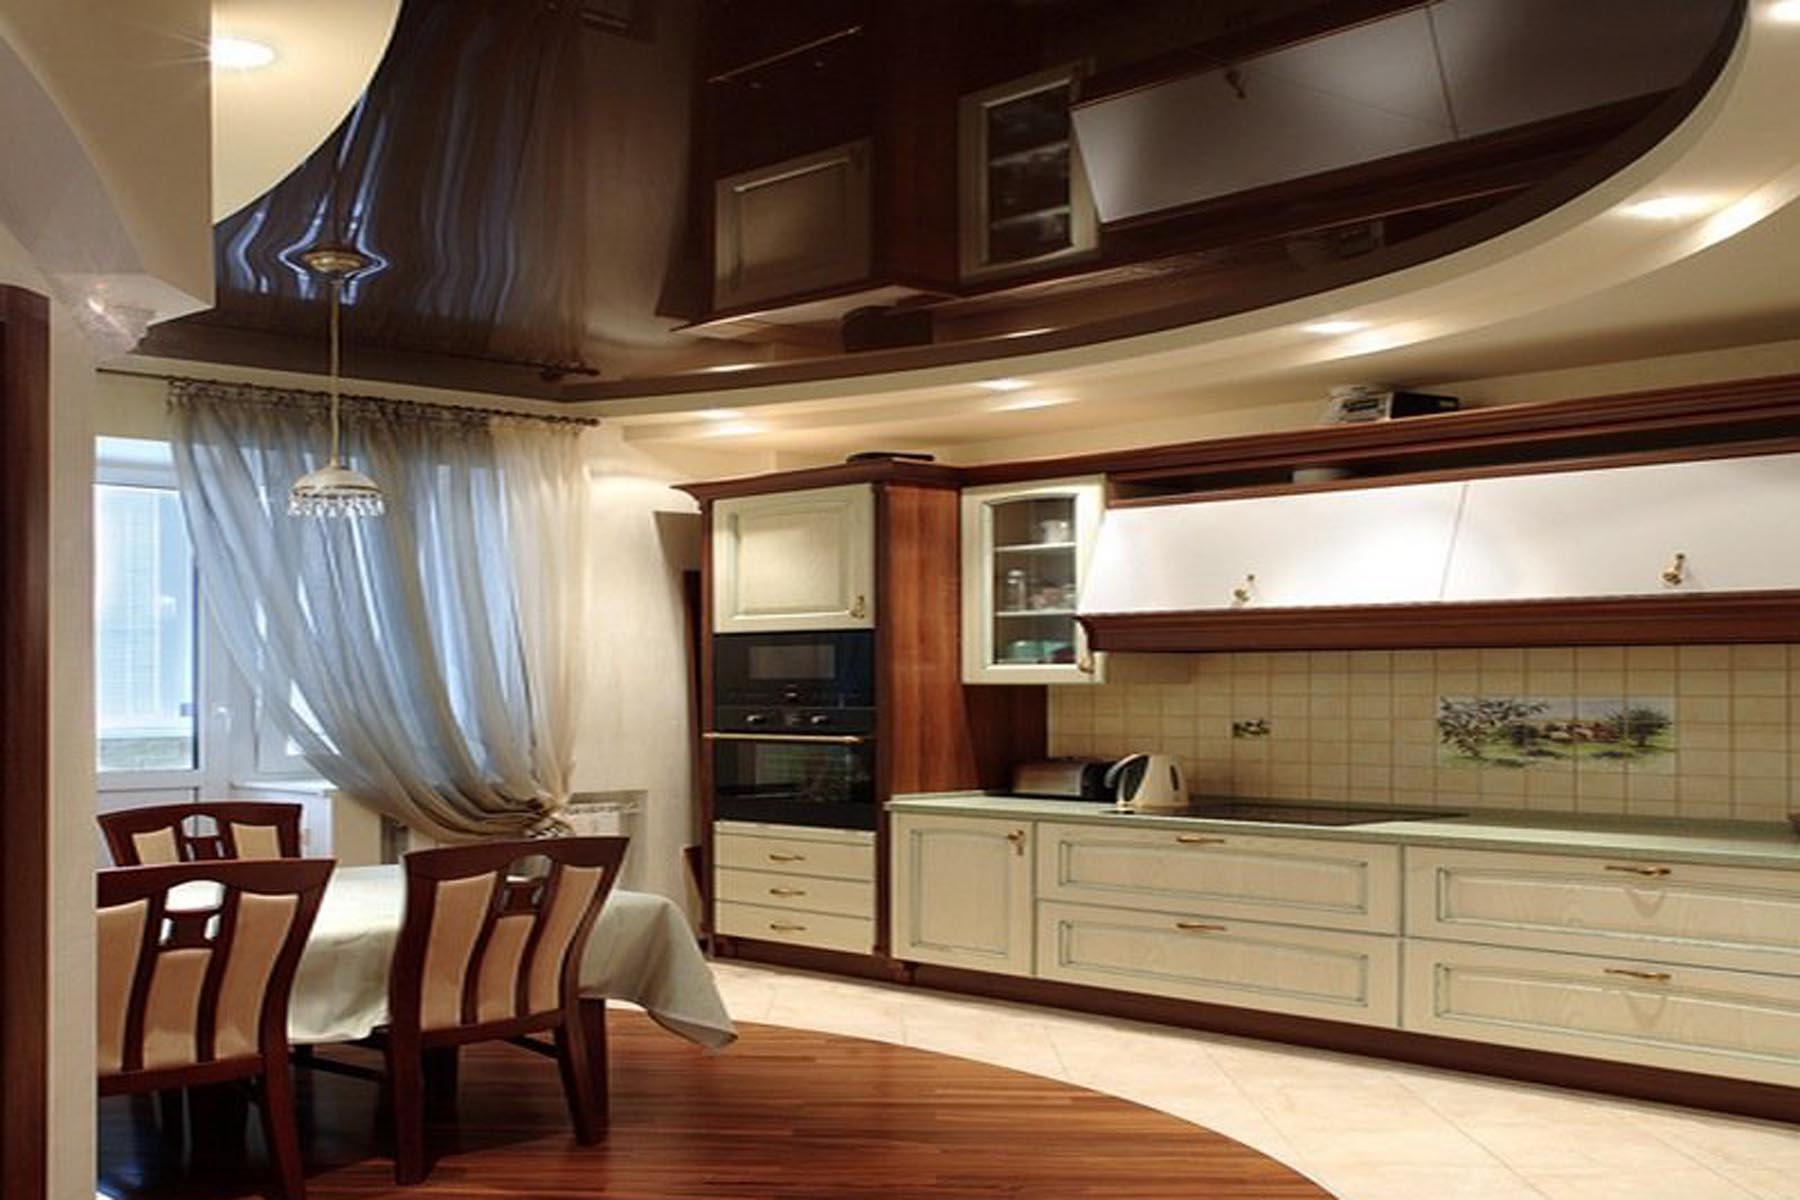 объявления ремонт потолка своими руками фото советы кухня ответила